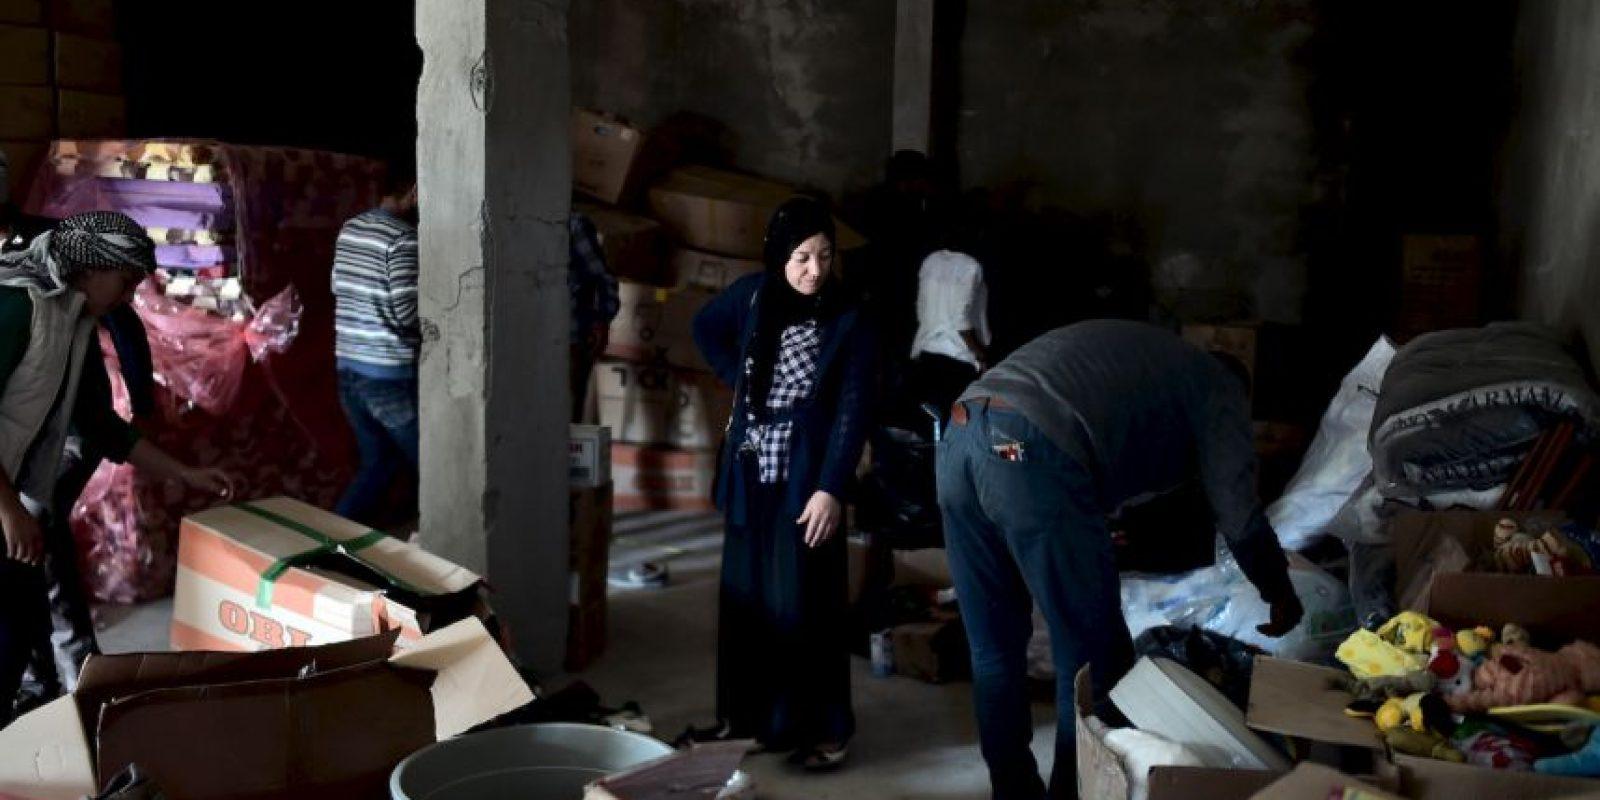 La coalición ha llevado a cabo bombardeos en zonas controladas por el Estado Islámico. Foto:AFP